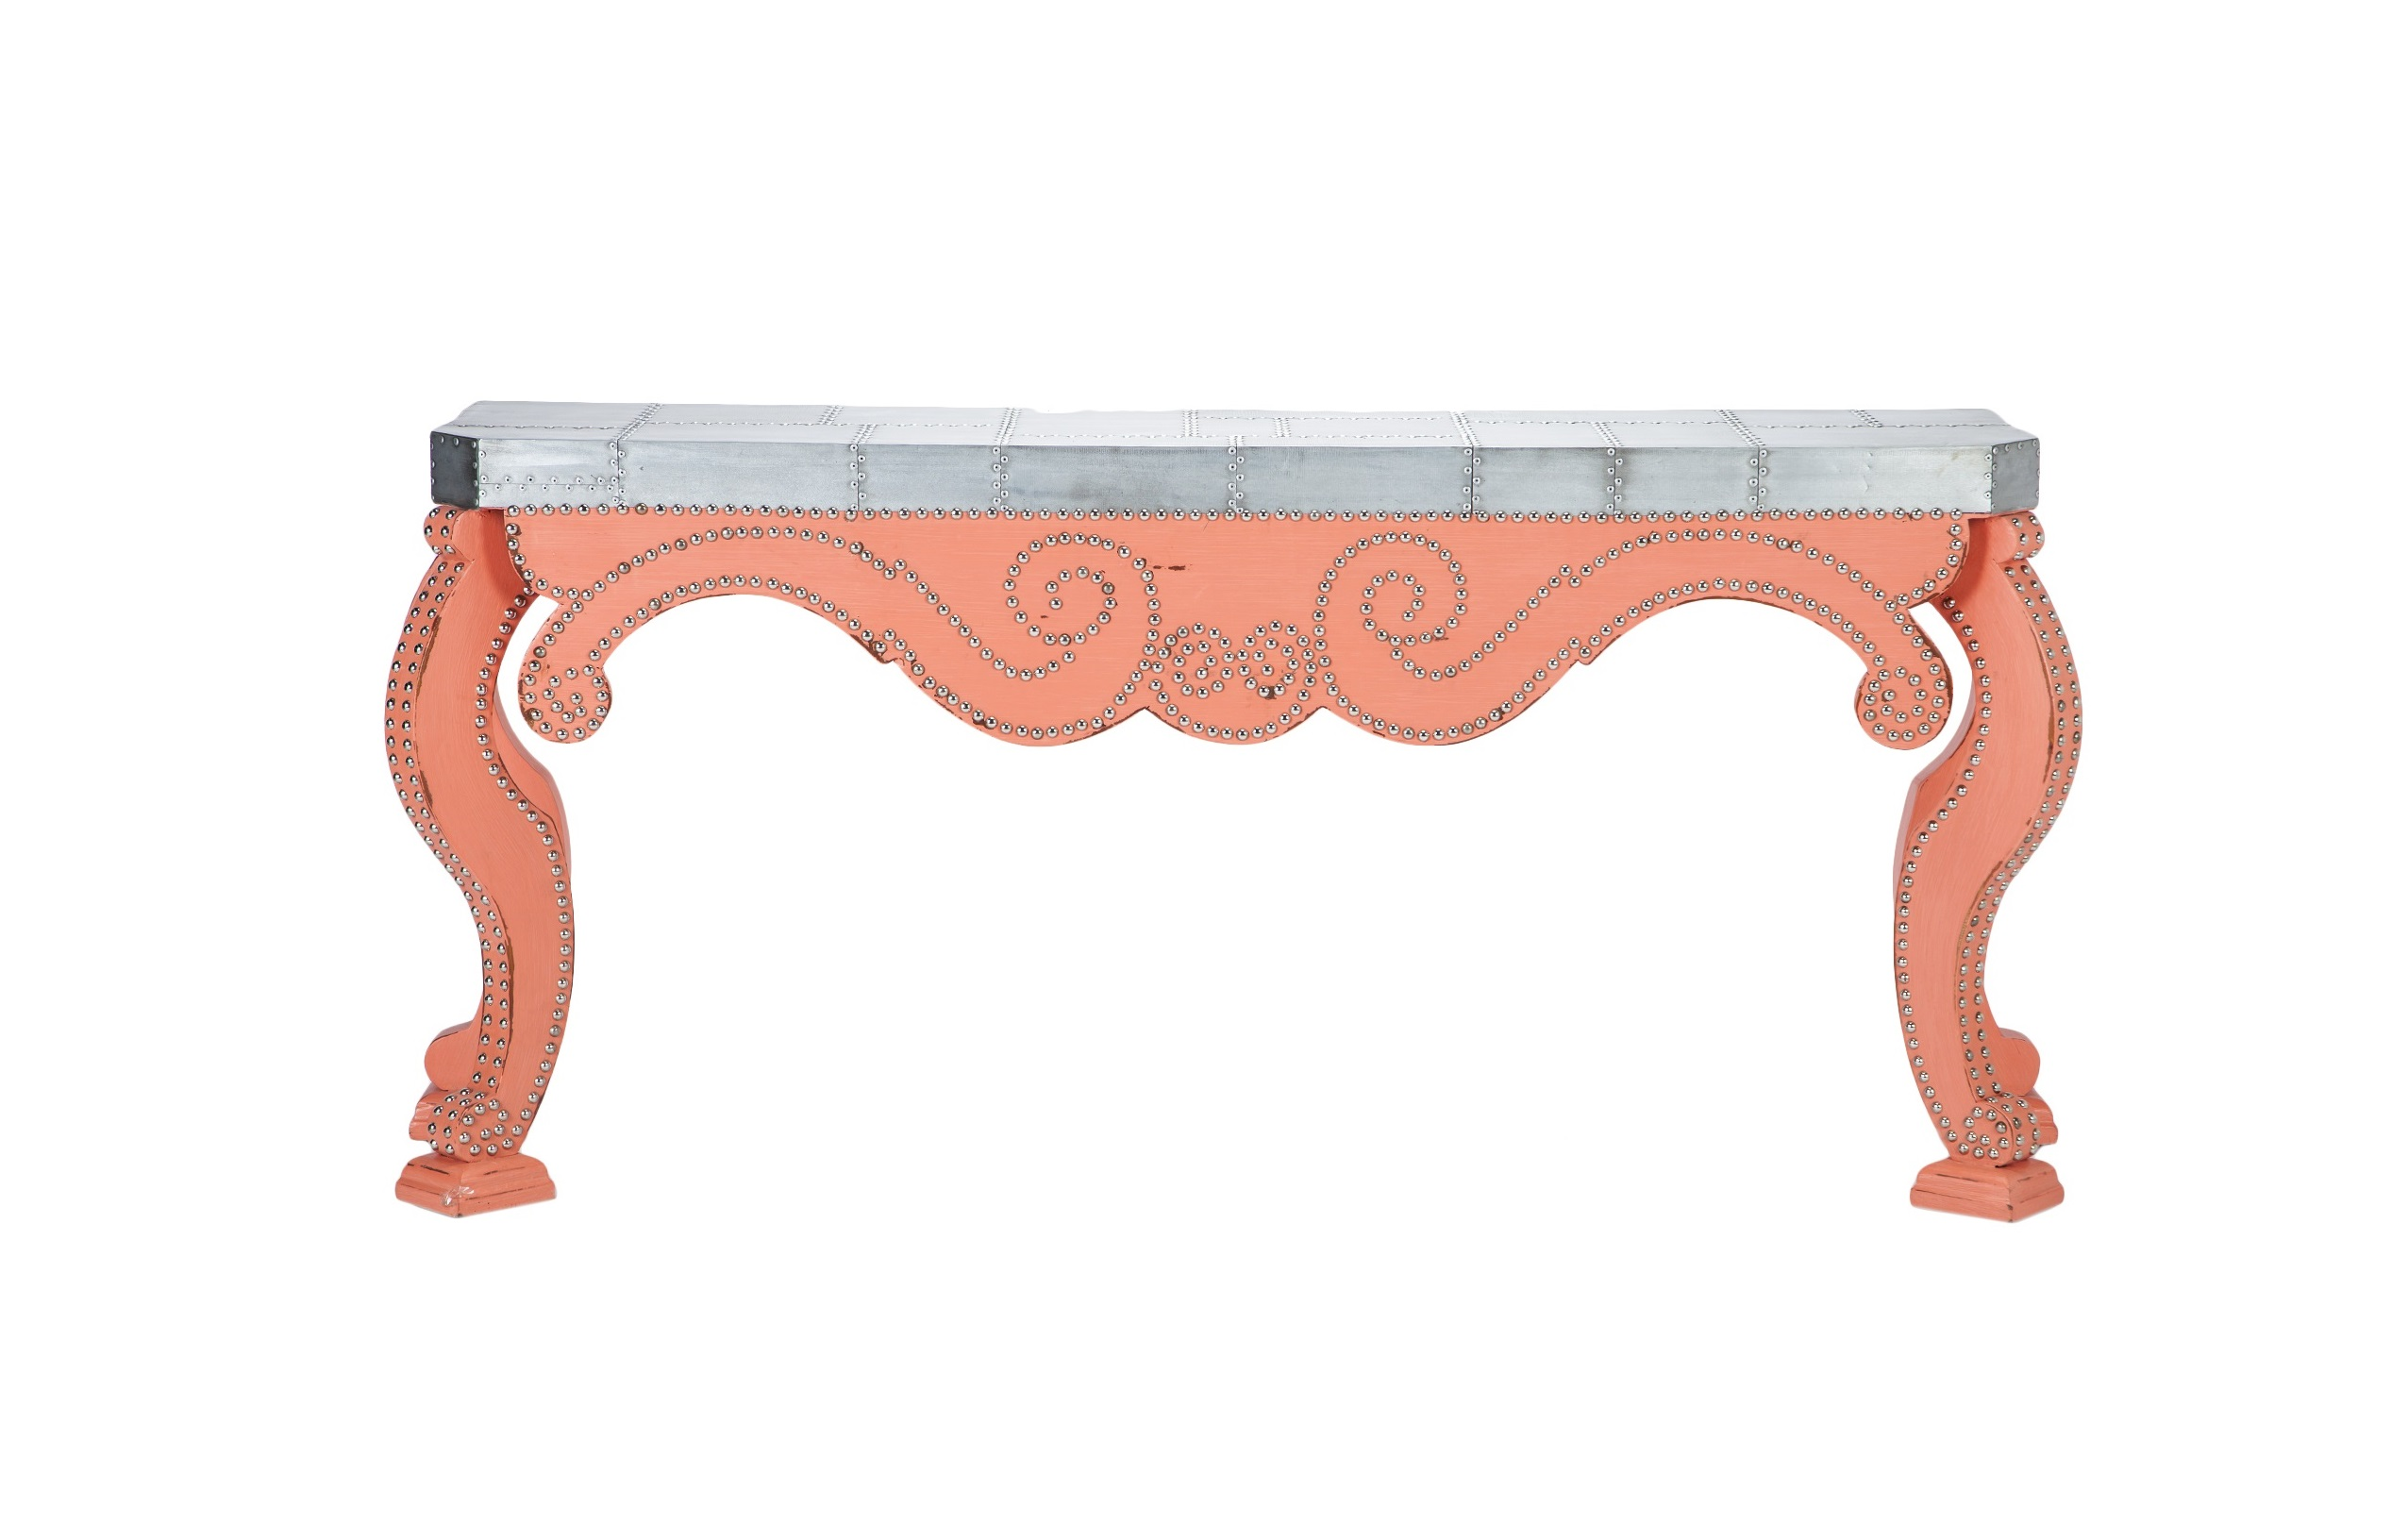 КонсольИнтерьерные консоли<br>Дизайнерская консоль из дерева махагони, столешница декорирована металлом.&amp;amp;nbsp;&amp;lt;div&amp;gt;&amp;lt;br&amp;gt;&amp;lt;/div&amp;gt;&amp;lt;div&amp;gt;Глубина столешницы 41 см,&amp;amp;nbsp;&amp;lt;/div&amp;gt;&amp;lt;div&amp;gt;максимальная глубина консоли 51 см.&amp;lt;/div&amp;gt;<br><br>Material: Красное дерево<br>Width см: 187<br>Depth см: 41<br>Height см: 85